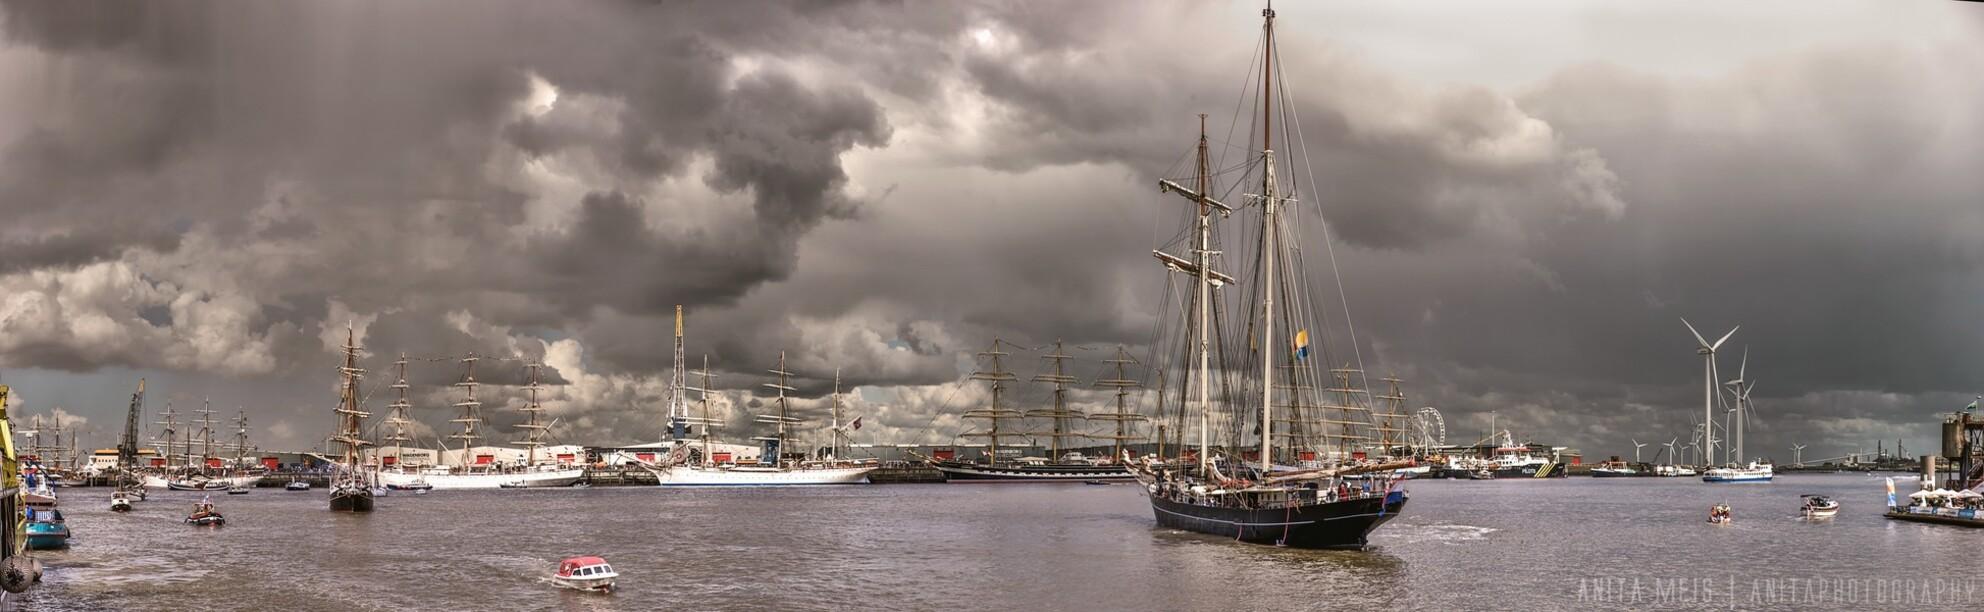 Panorama Sail 1 - Een panorama richting de Tallships aan de groene en rode kade. Dreigende luchten maken het schouwspel nog interessanter. We hielden het niet helemaal - foto door spitsoor op 03-07-2016 - deze foto bevat: scheepvaart, luchten, schip, sail, varen, evenement, tallship, wolken., delfsail2016 - Deze foto mag gebruikt worden in een Zoom.nl publicatie